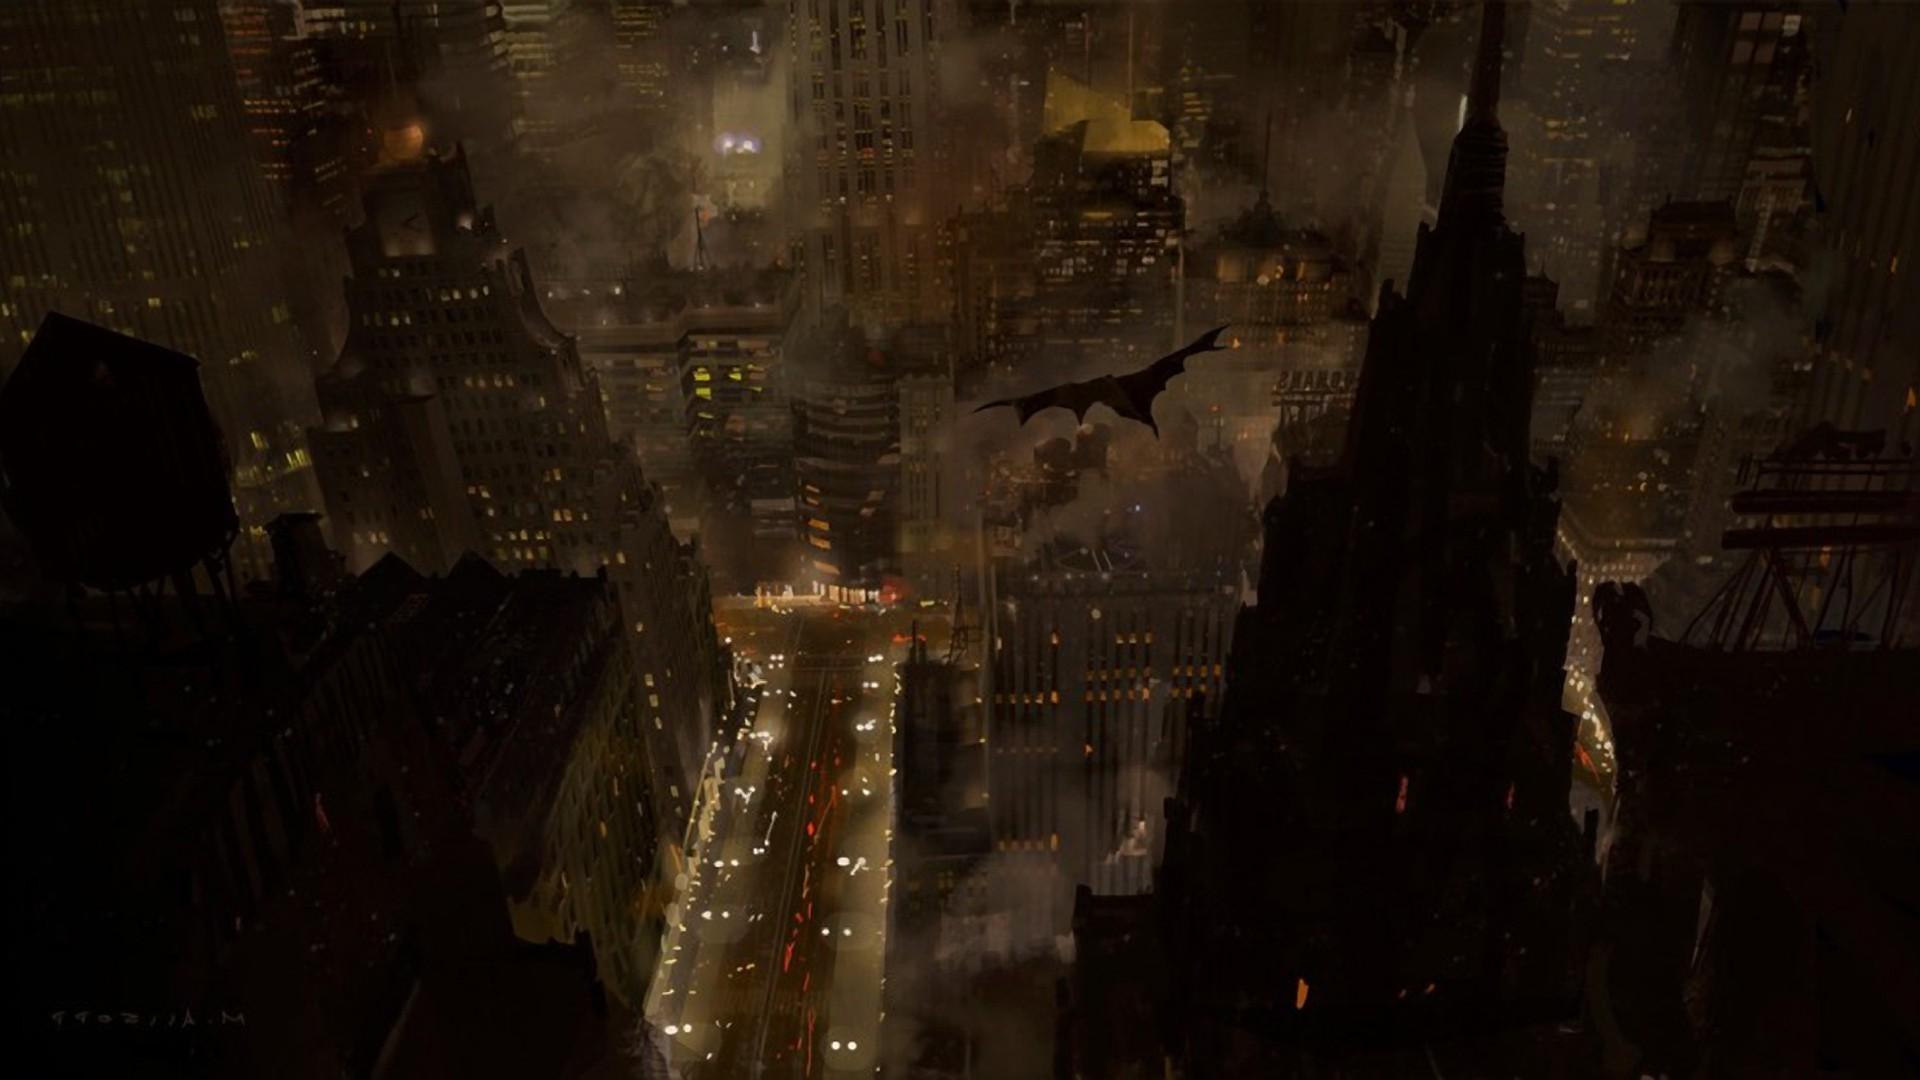 Wallpaper 1920x1080 Px Batman Begins 1920x1080 Wallup